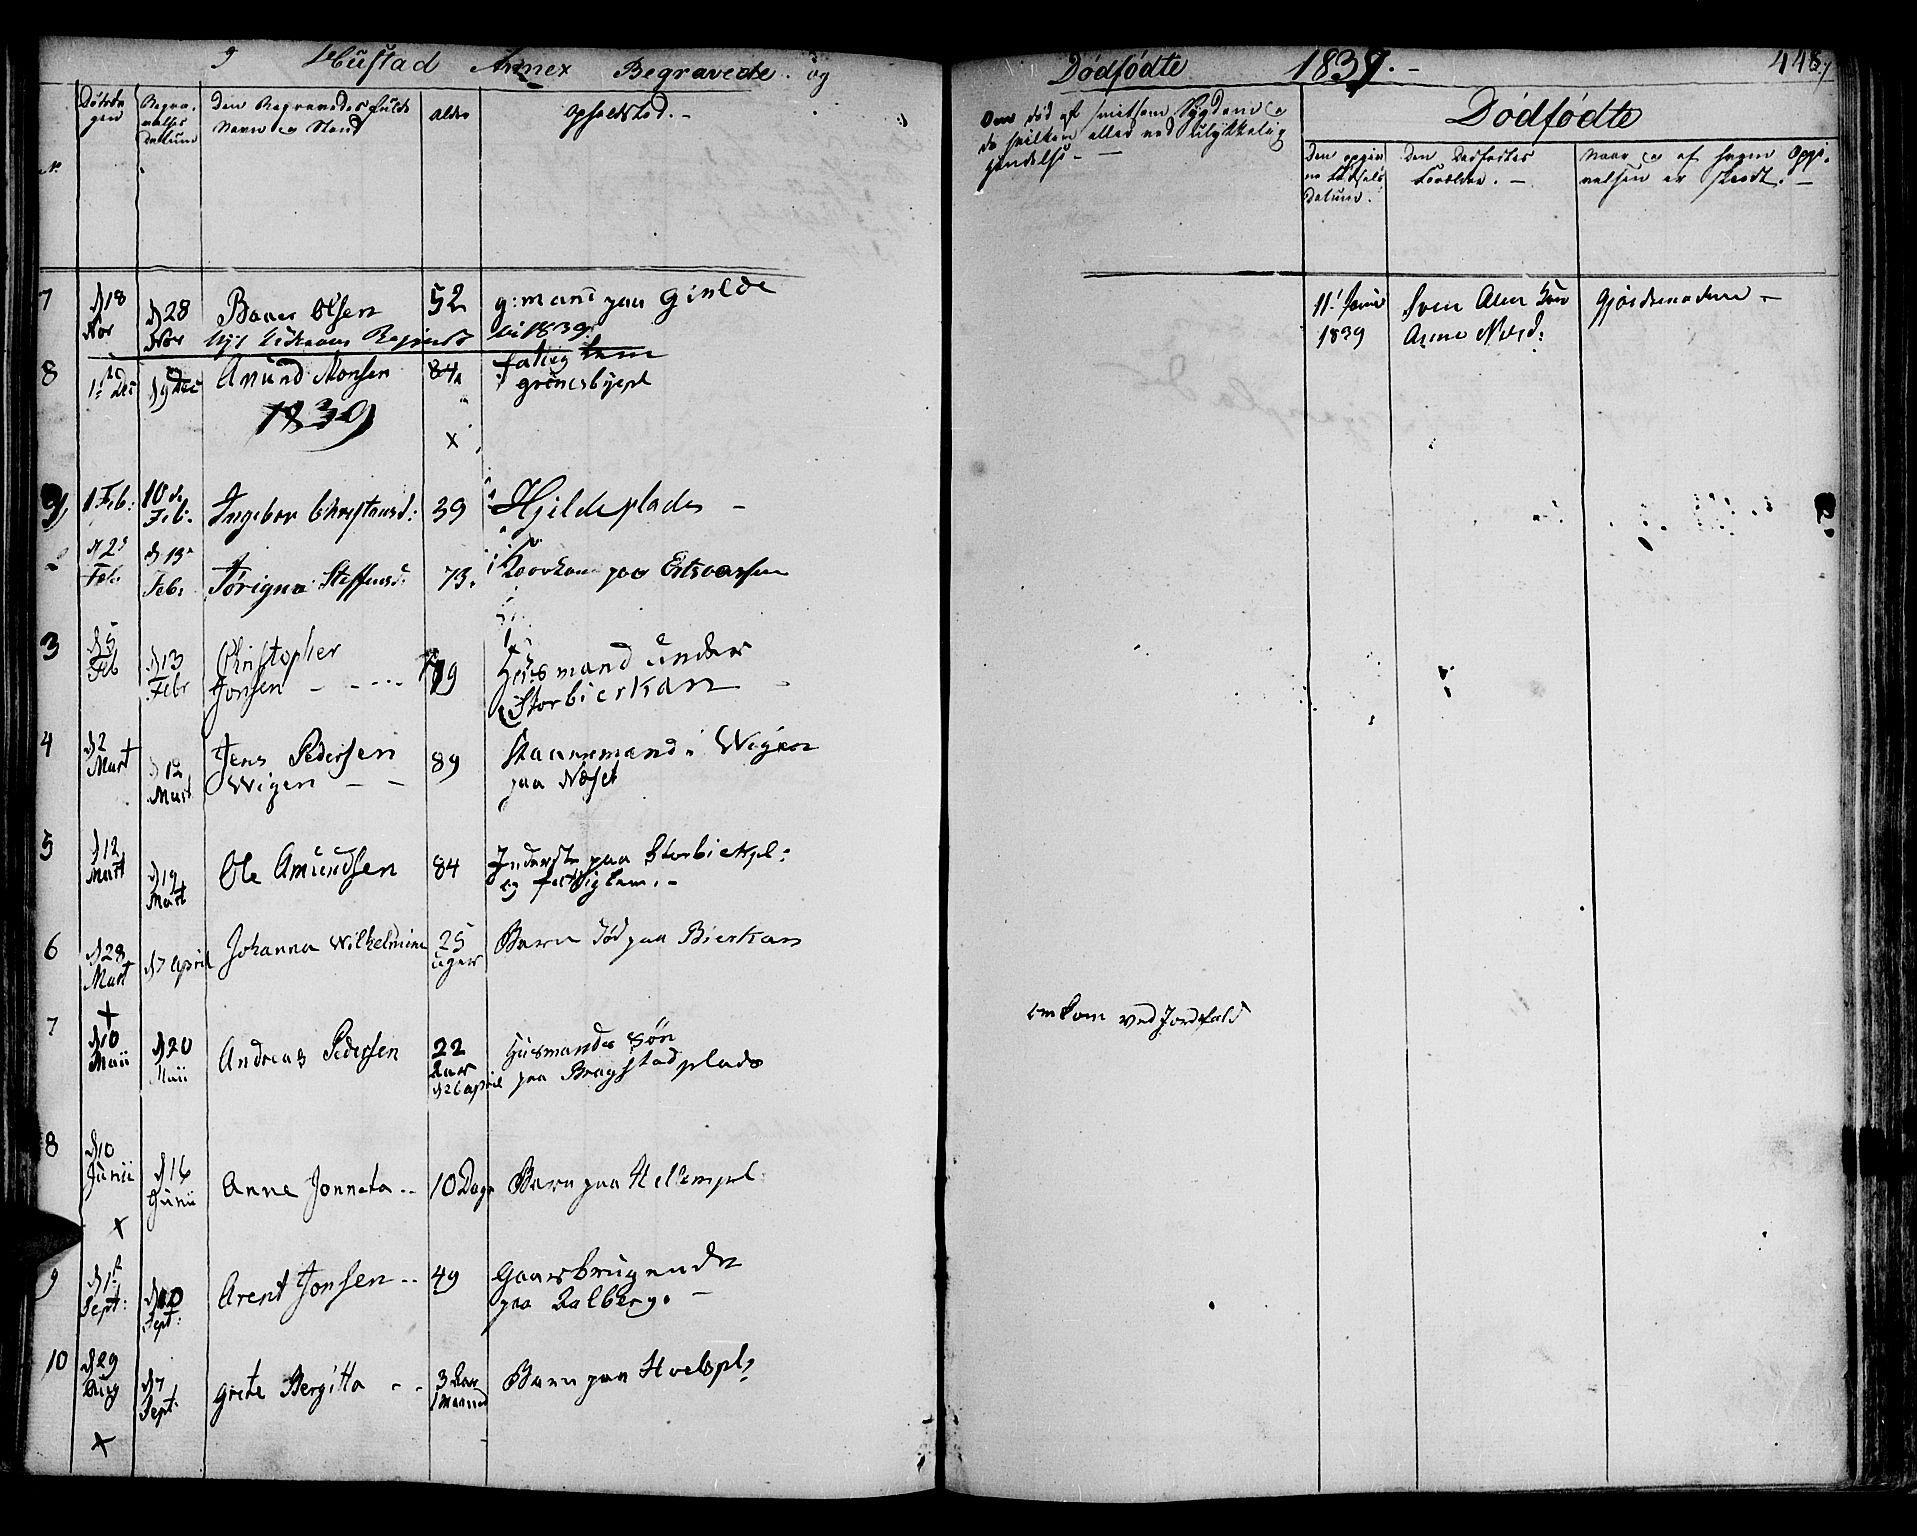 SAT, Ministerialprotokoller, klokkerbøker og fødselsregistre - Nord-Trøndelag, 730/L0277: Ministerialbok nr. 730A06 /3, 1830-1839, s. 448